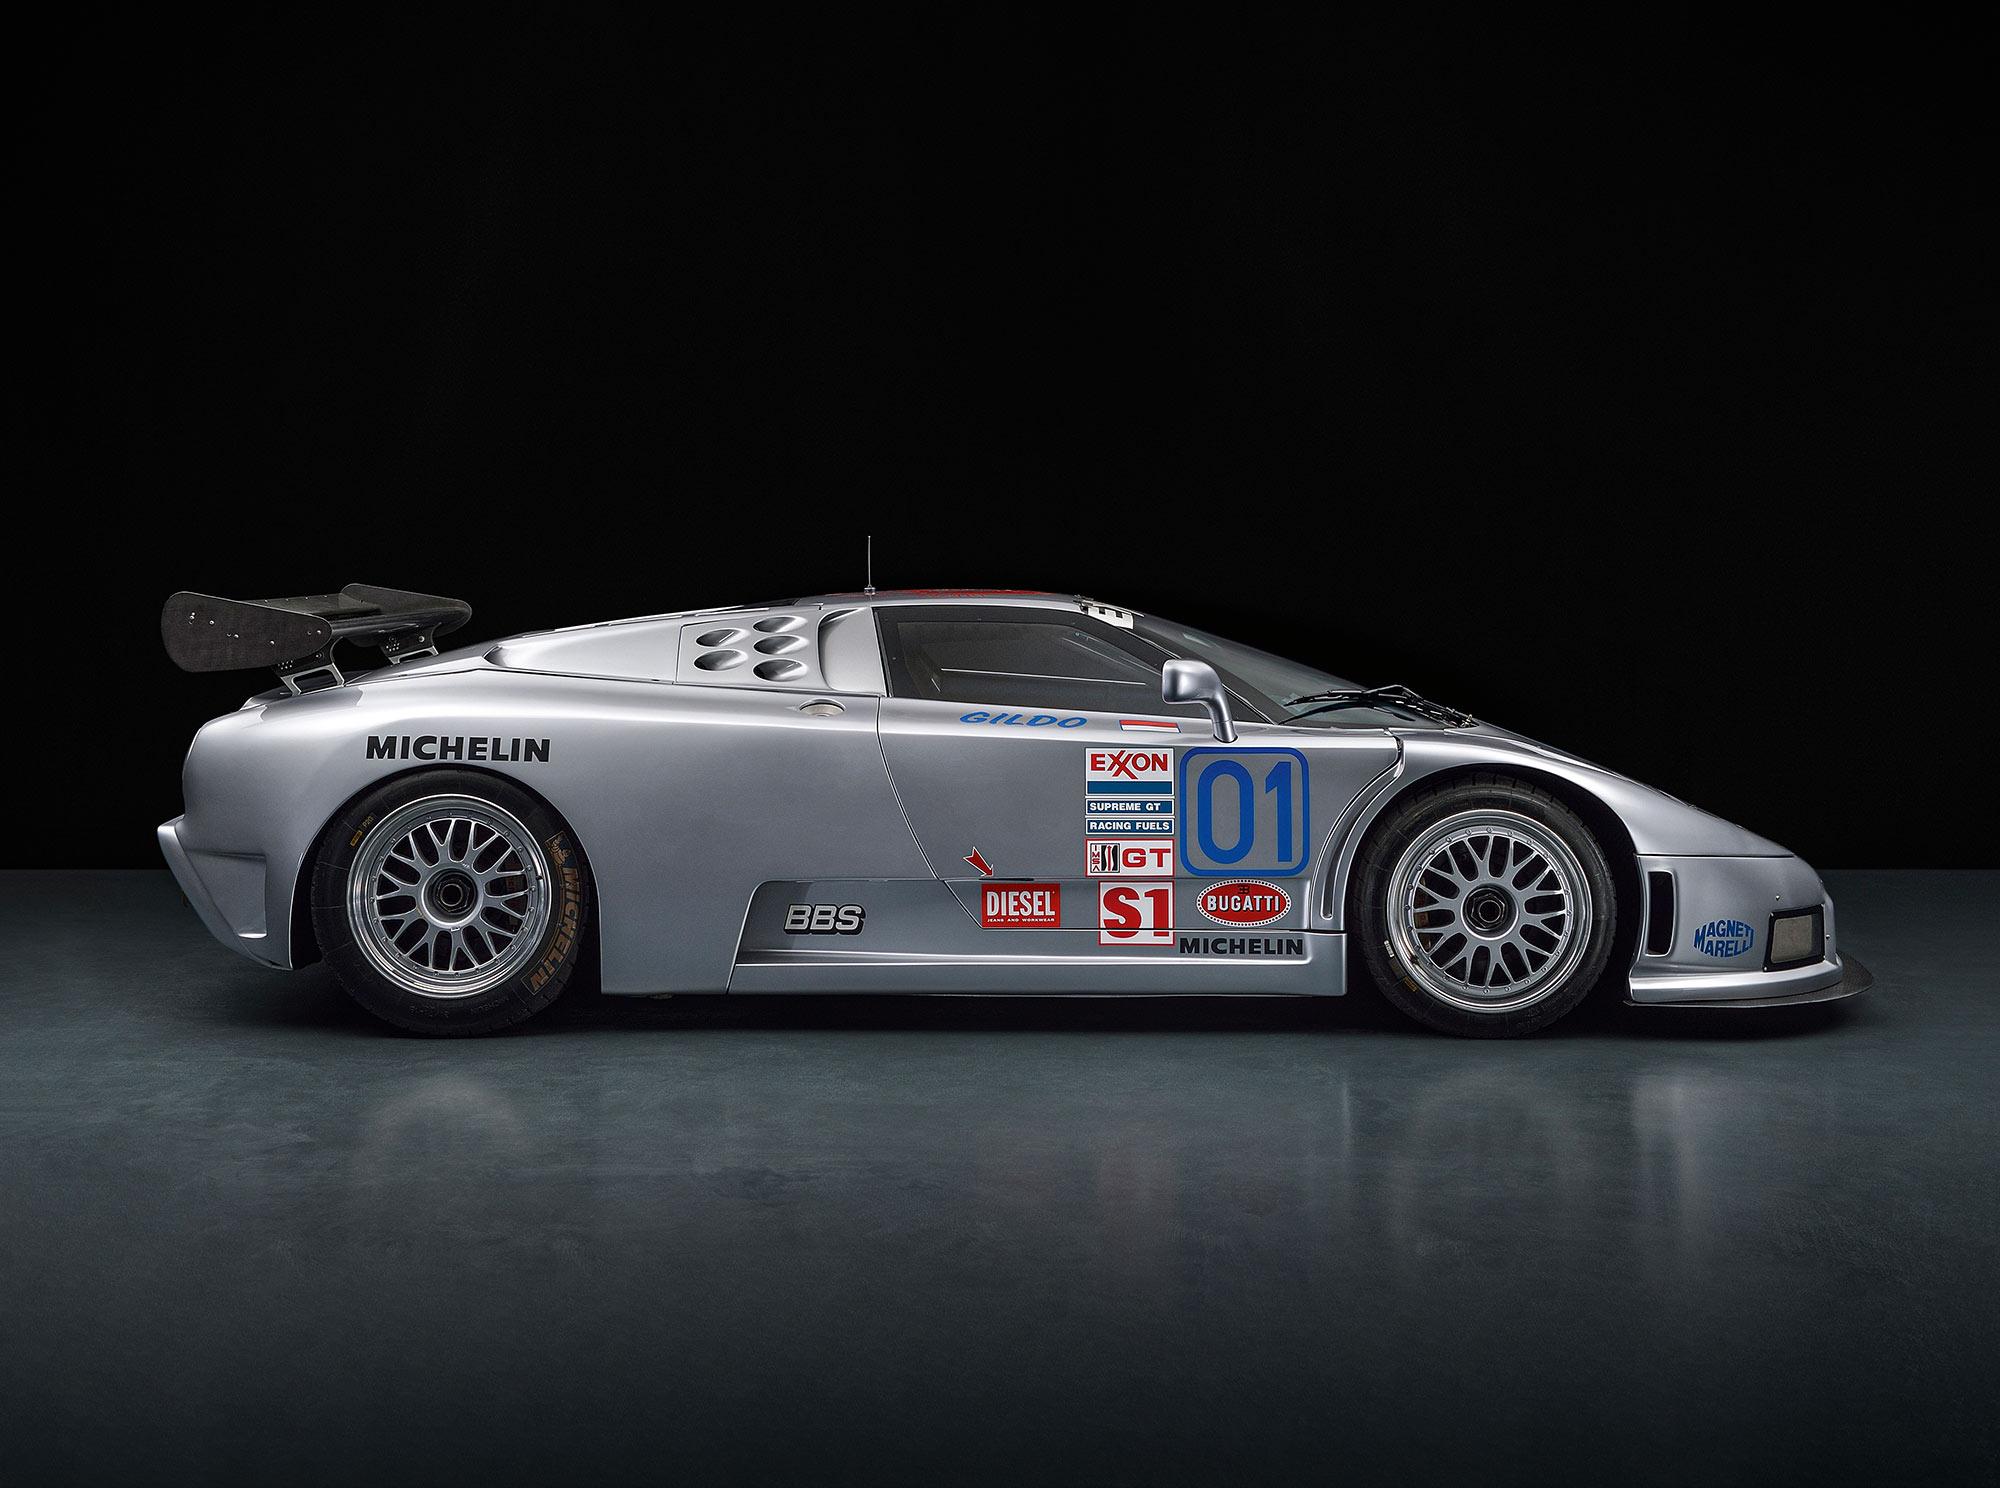 #47, Bugatti, EB110 LM, Le Mans, IMSA, EB110 SC